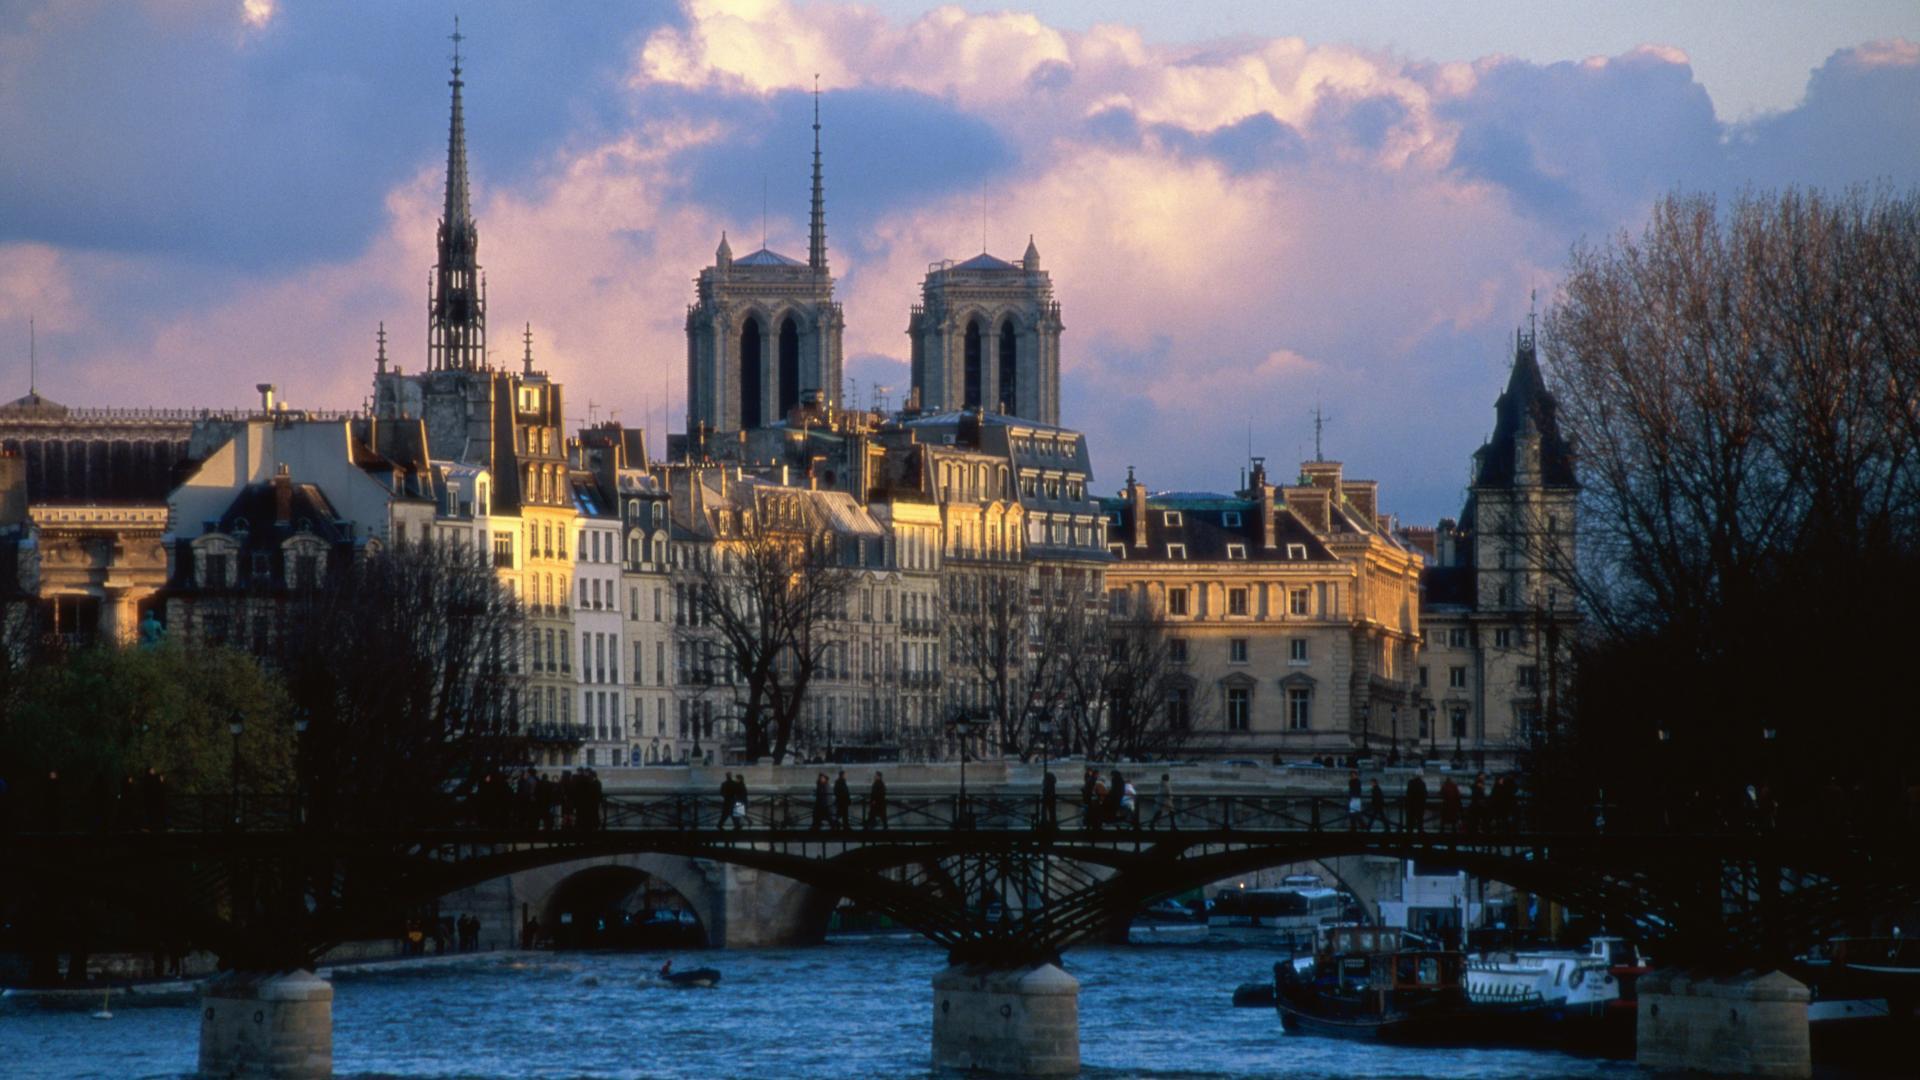 Sfondi parigi 68 immagini for Immagini hd gratis